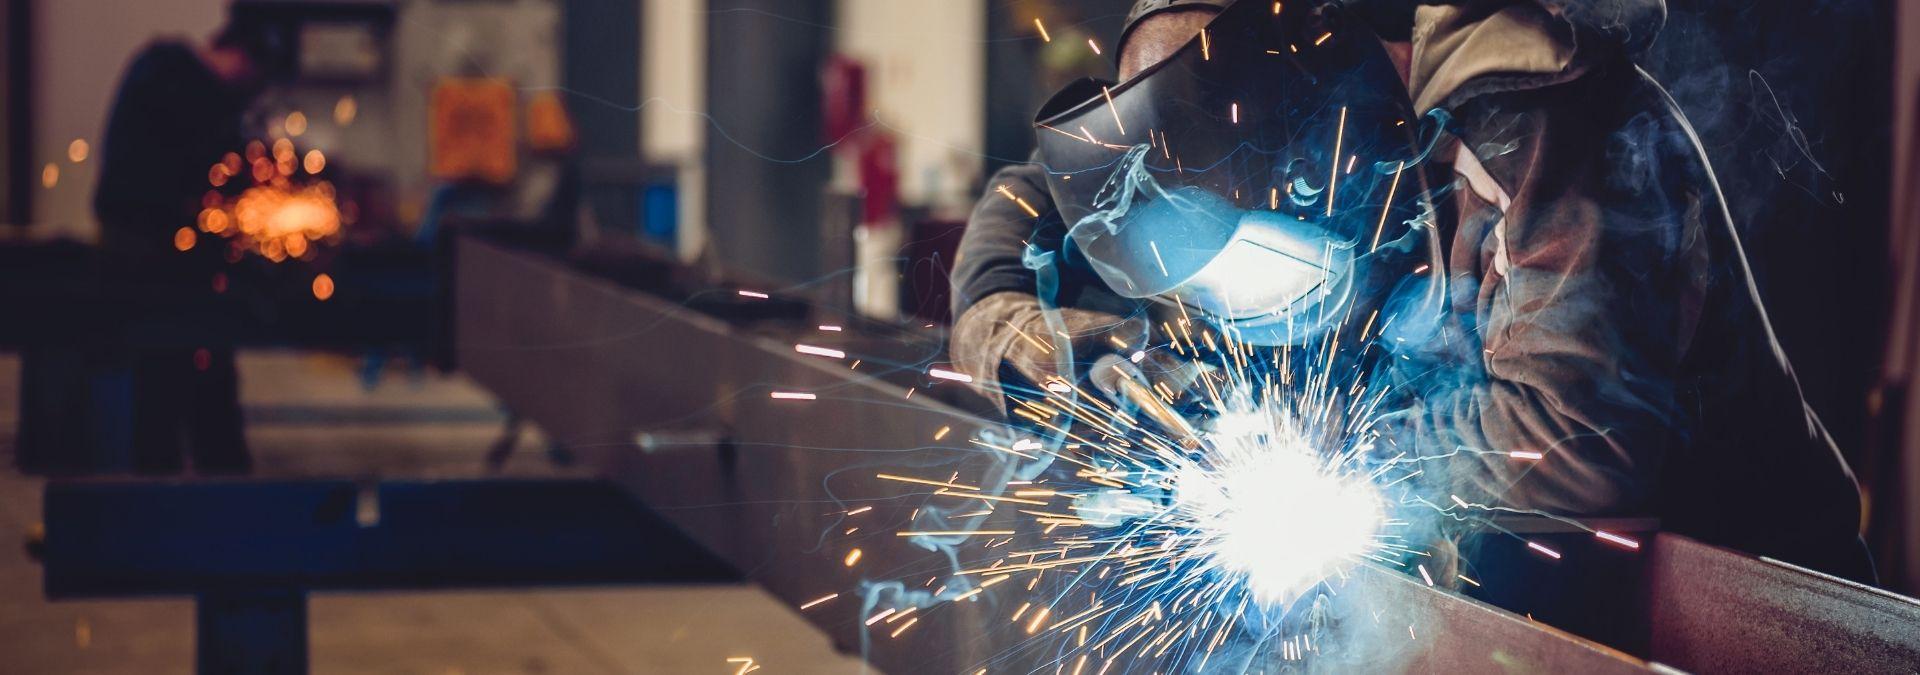 Welding-Industrial